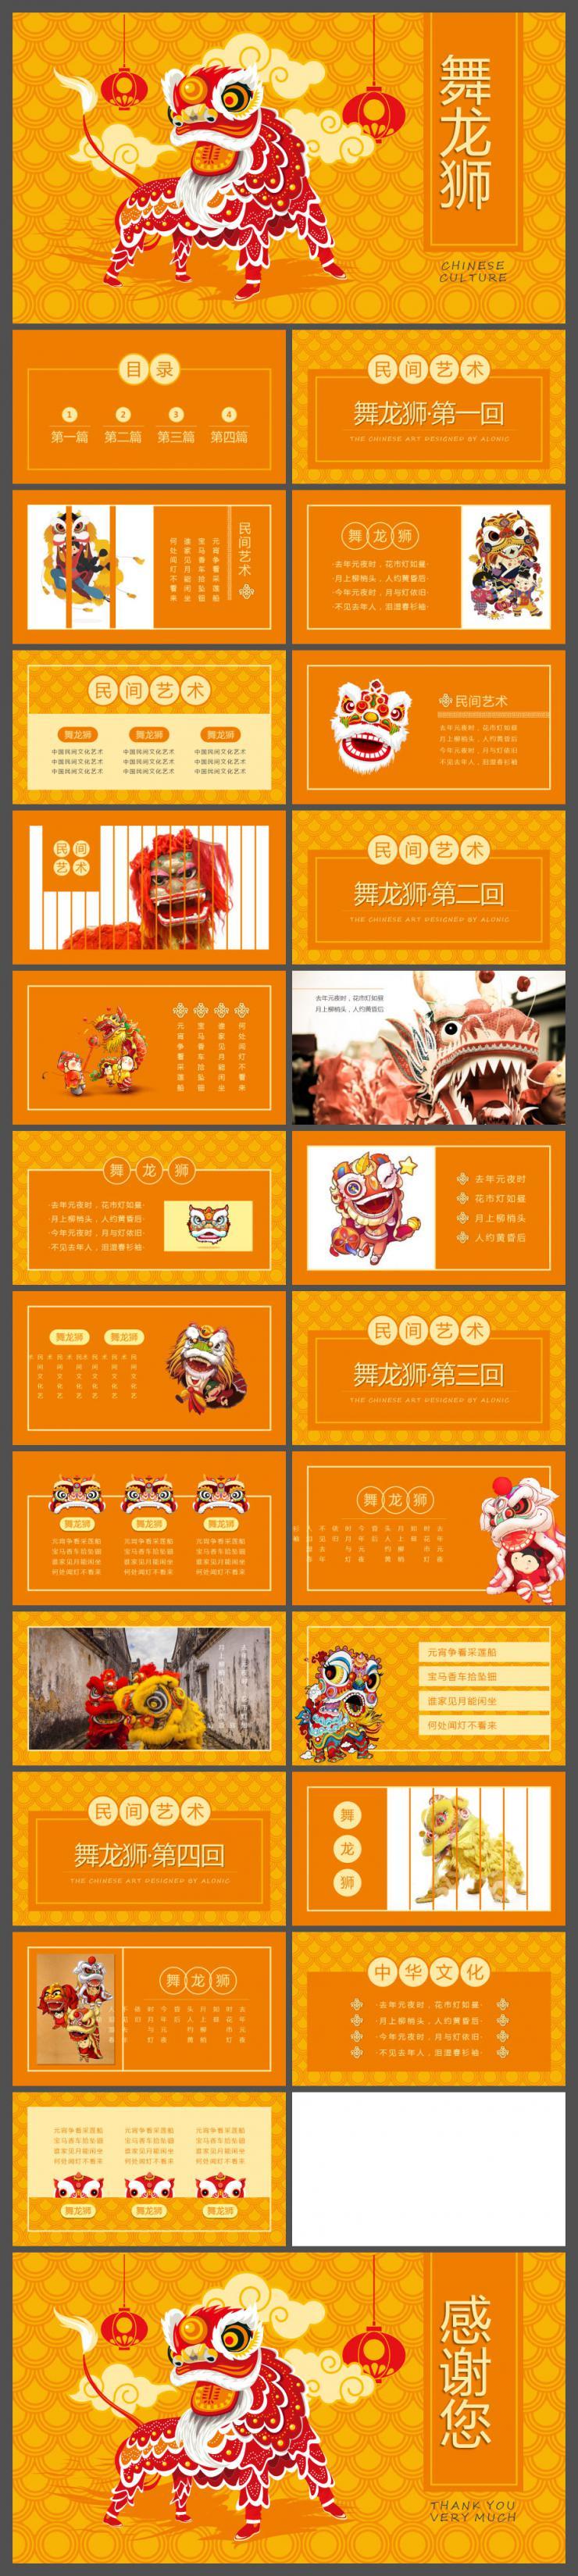 中国风传统习俗文化舞龙狮主题PPT模板